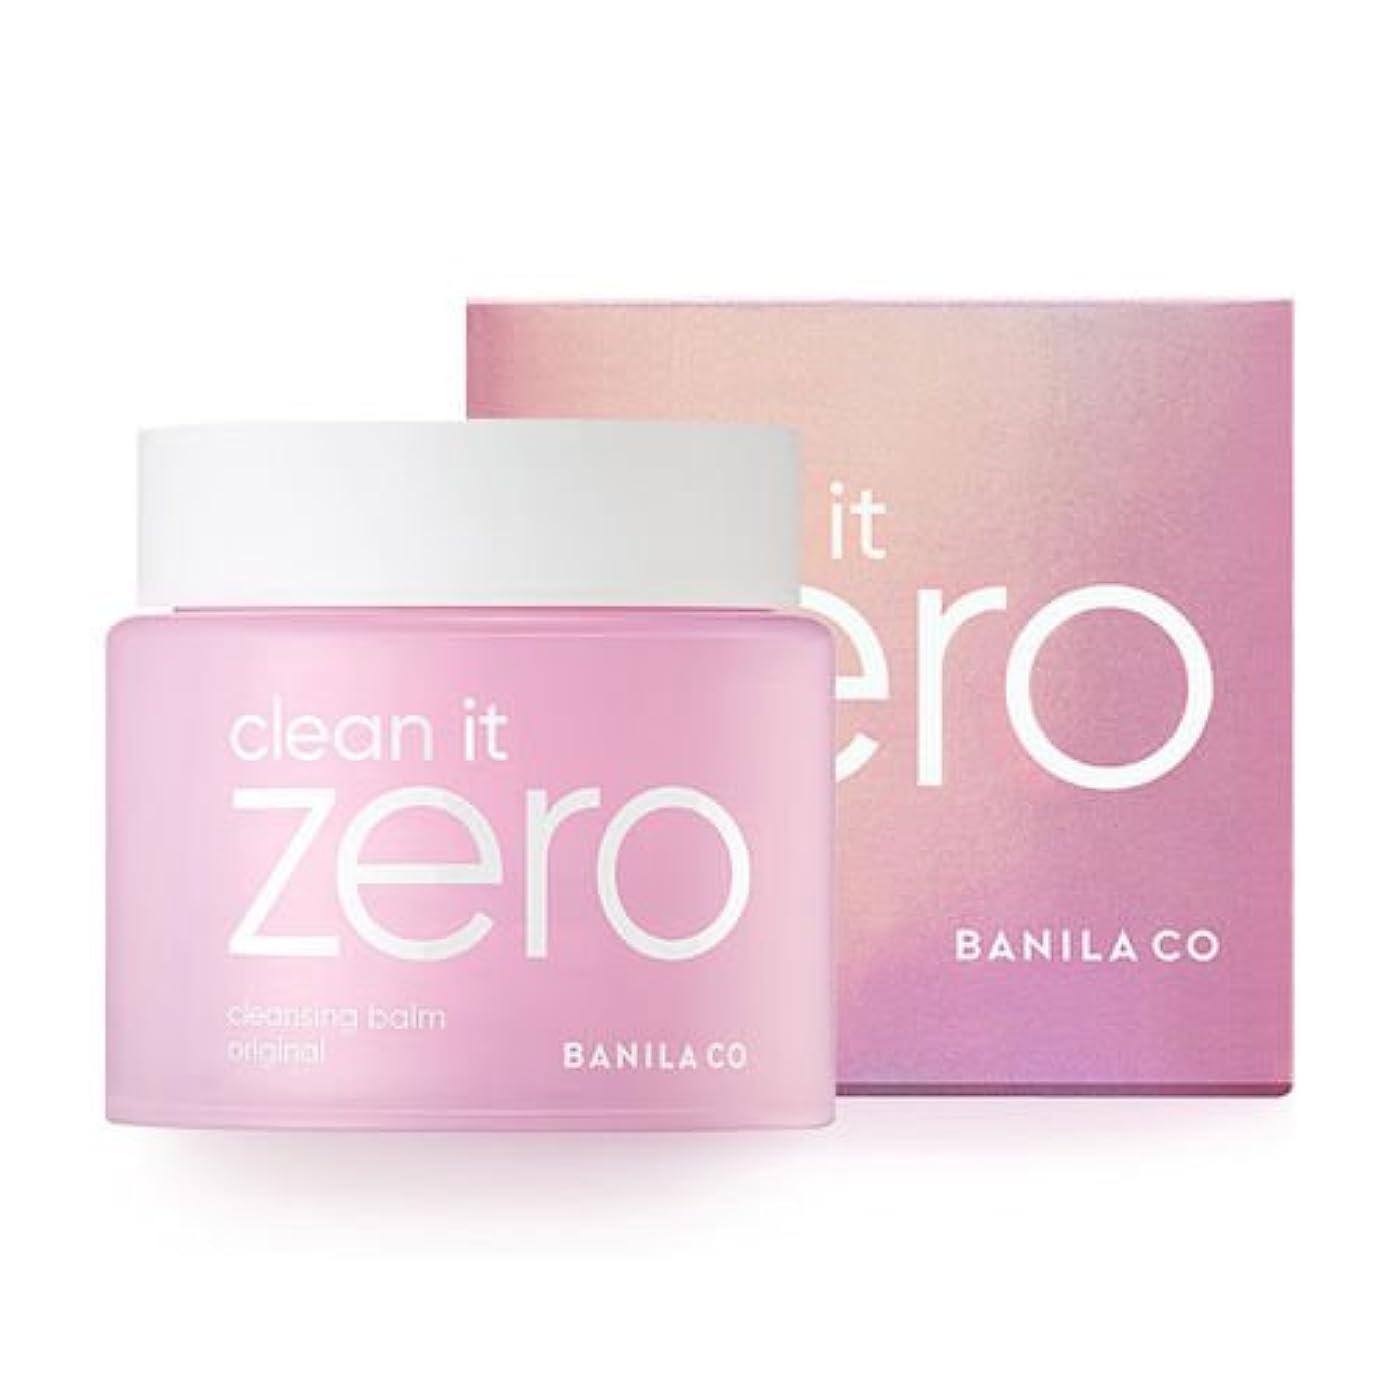 連隊ヶ月目ヘルパー[BANILACO/バニラコ] Clean it zero cleansing balm original 180ml / クリンイットゼロ クレンジングバーム オリジナル 180ml